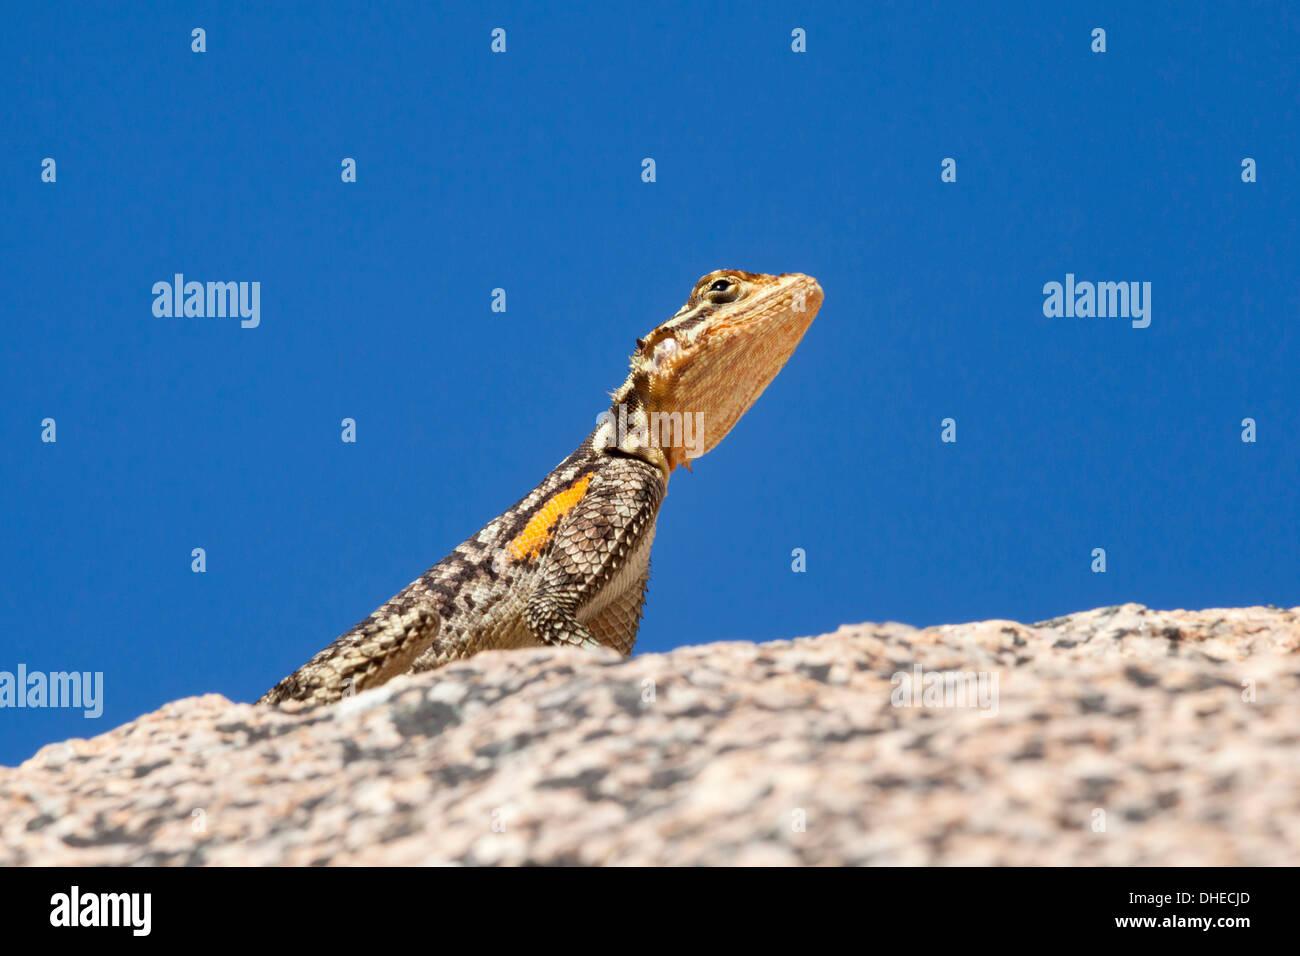 Namibian rock agama (Agama planiceps), Damaraland, Namibia, Africa - Stock Image